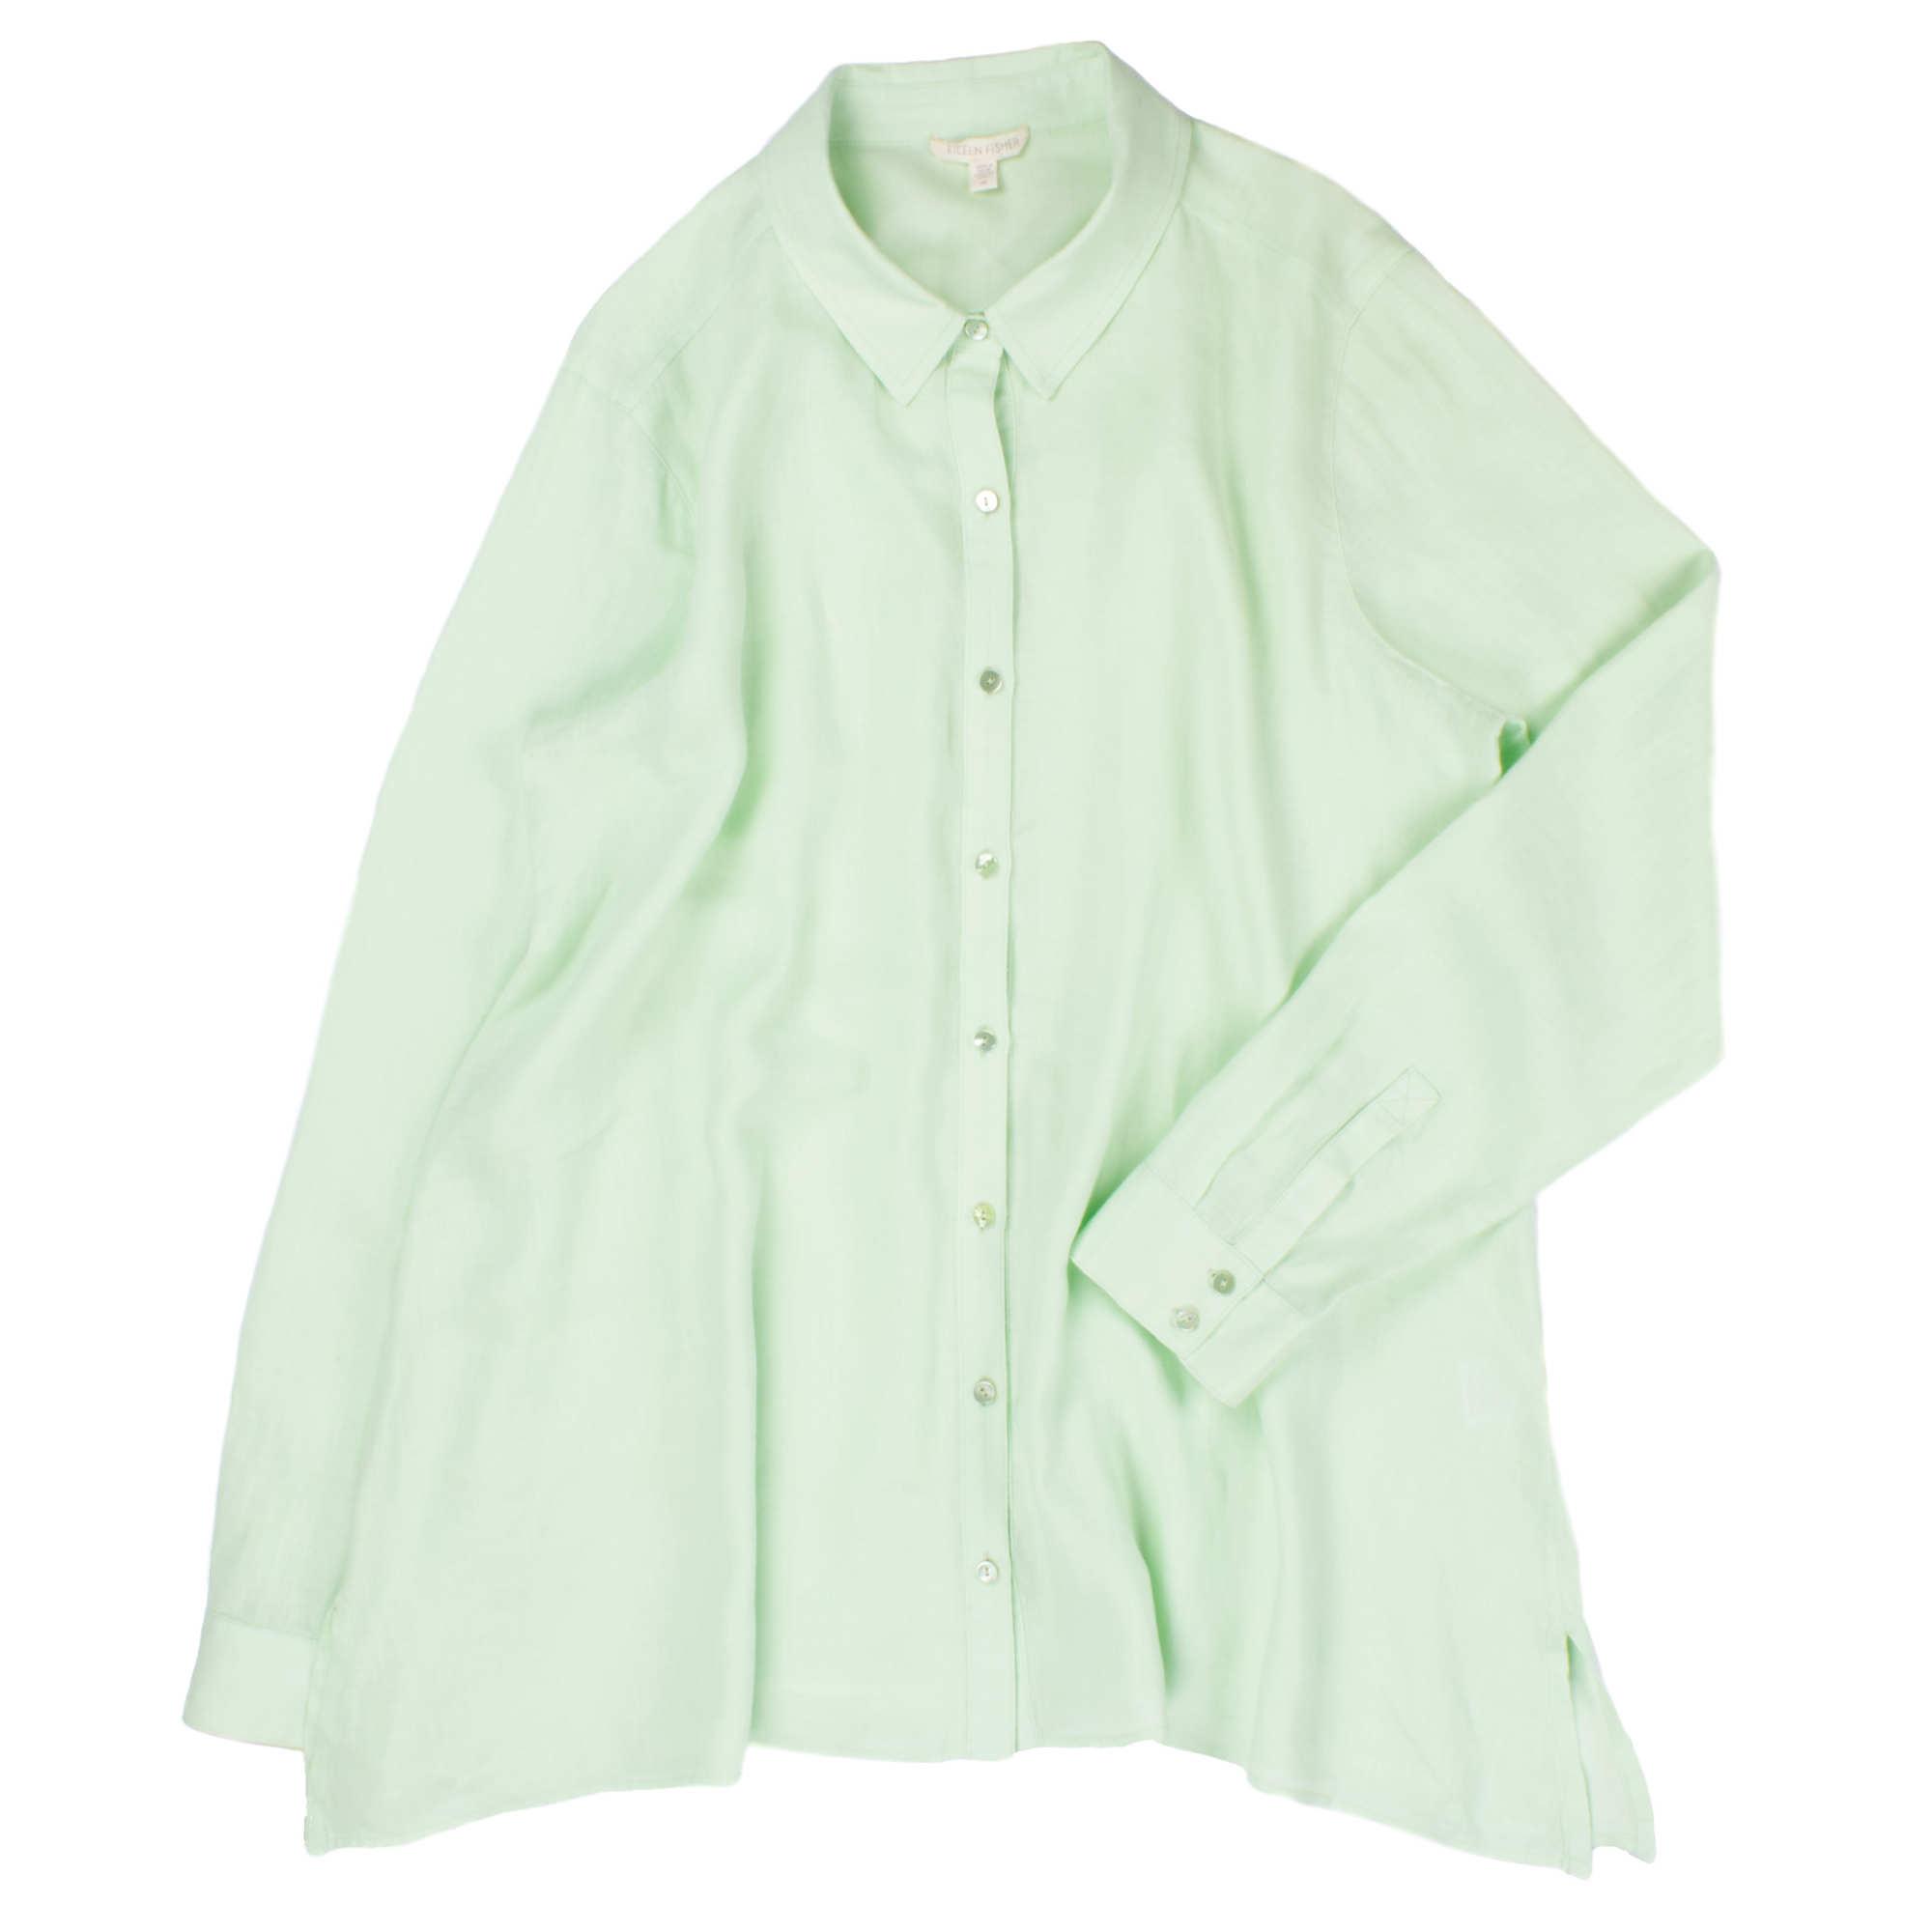 Organic Handkerchief Linen Blouse